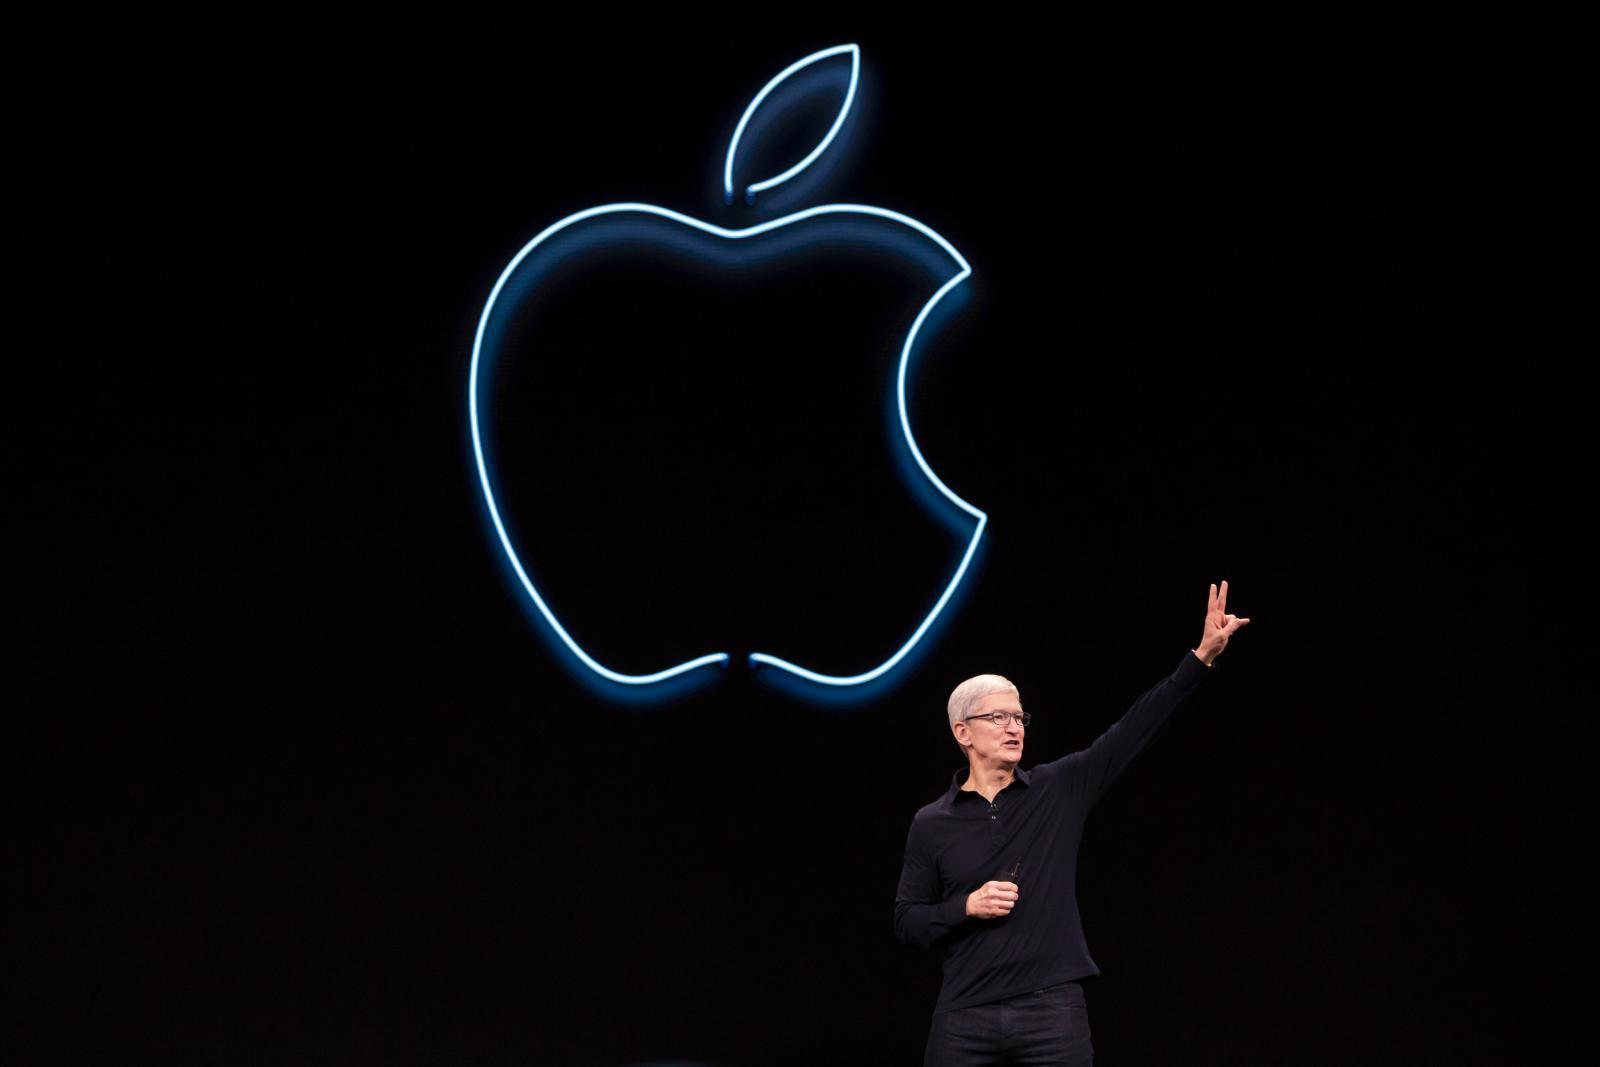 แอปเปิลเผยยอดขายไอโฟนลดลงกว่า 10 เปอร์เซ็นต์